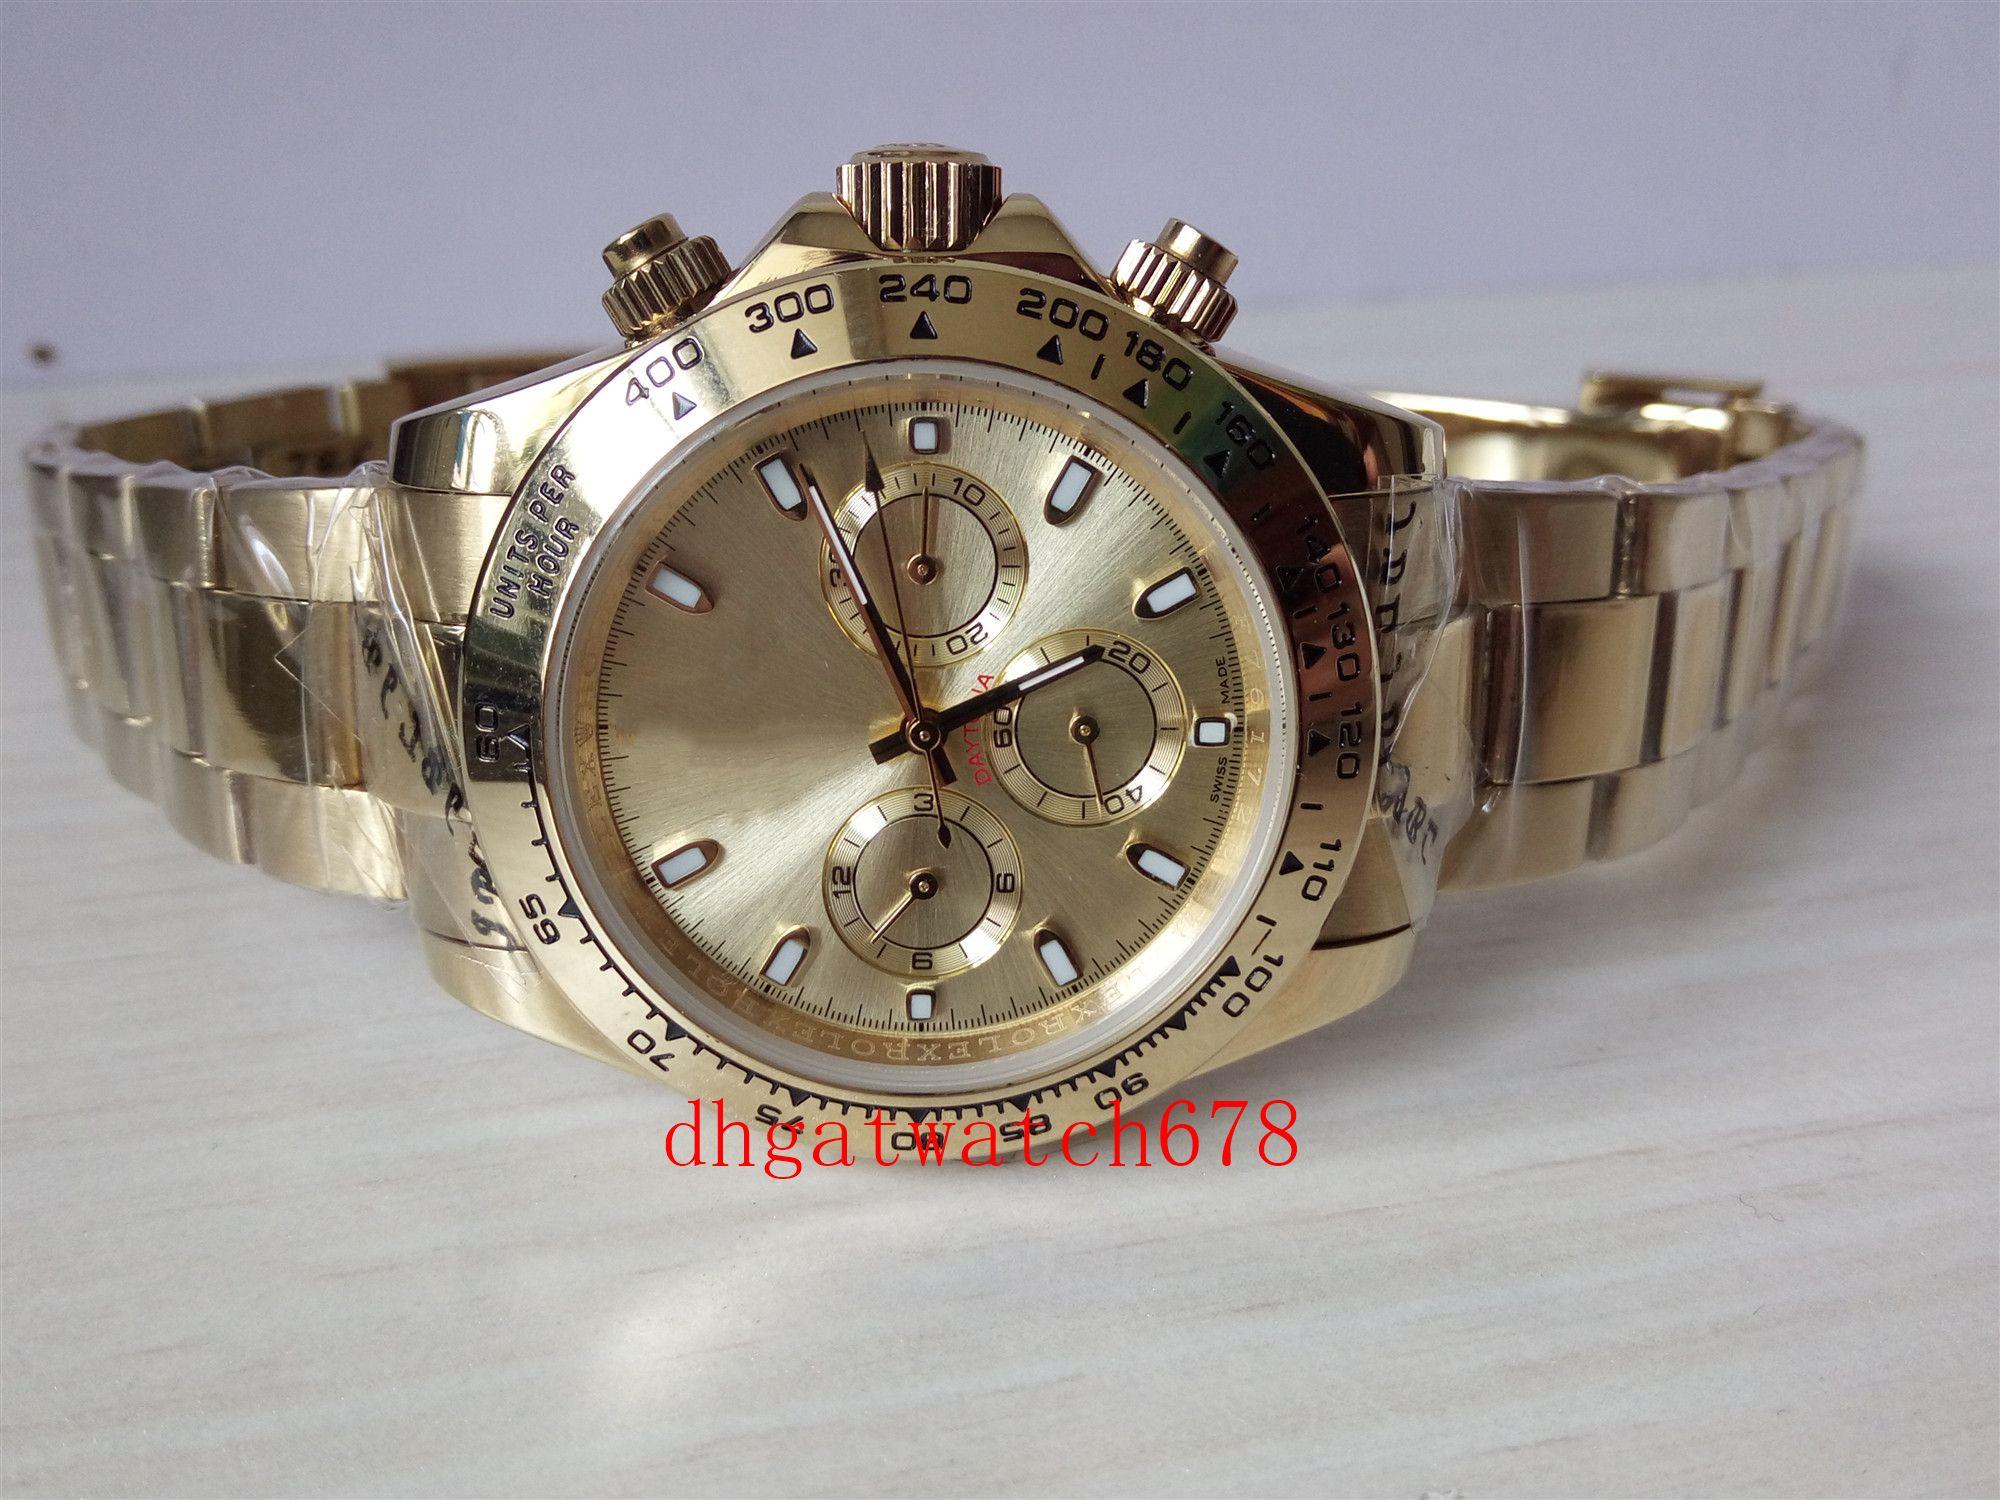 Luxuxqualitäts Mann-automatische mechanische 40mm Zifferblatt Nein Chronograph 116508, 116528 Serie Uhren, Goldgehäuse